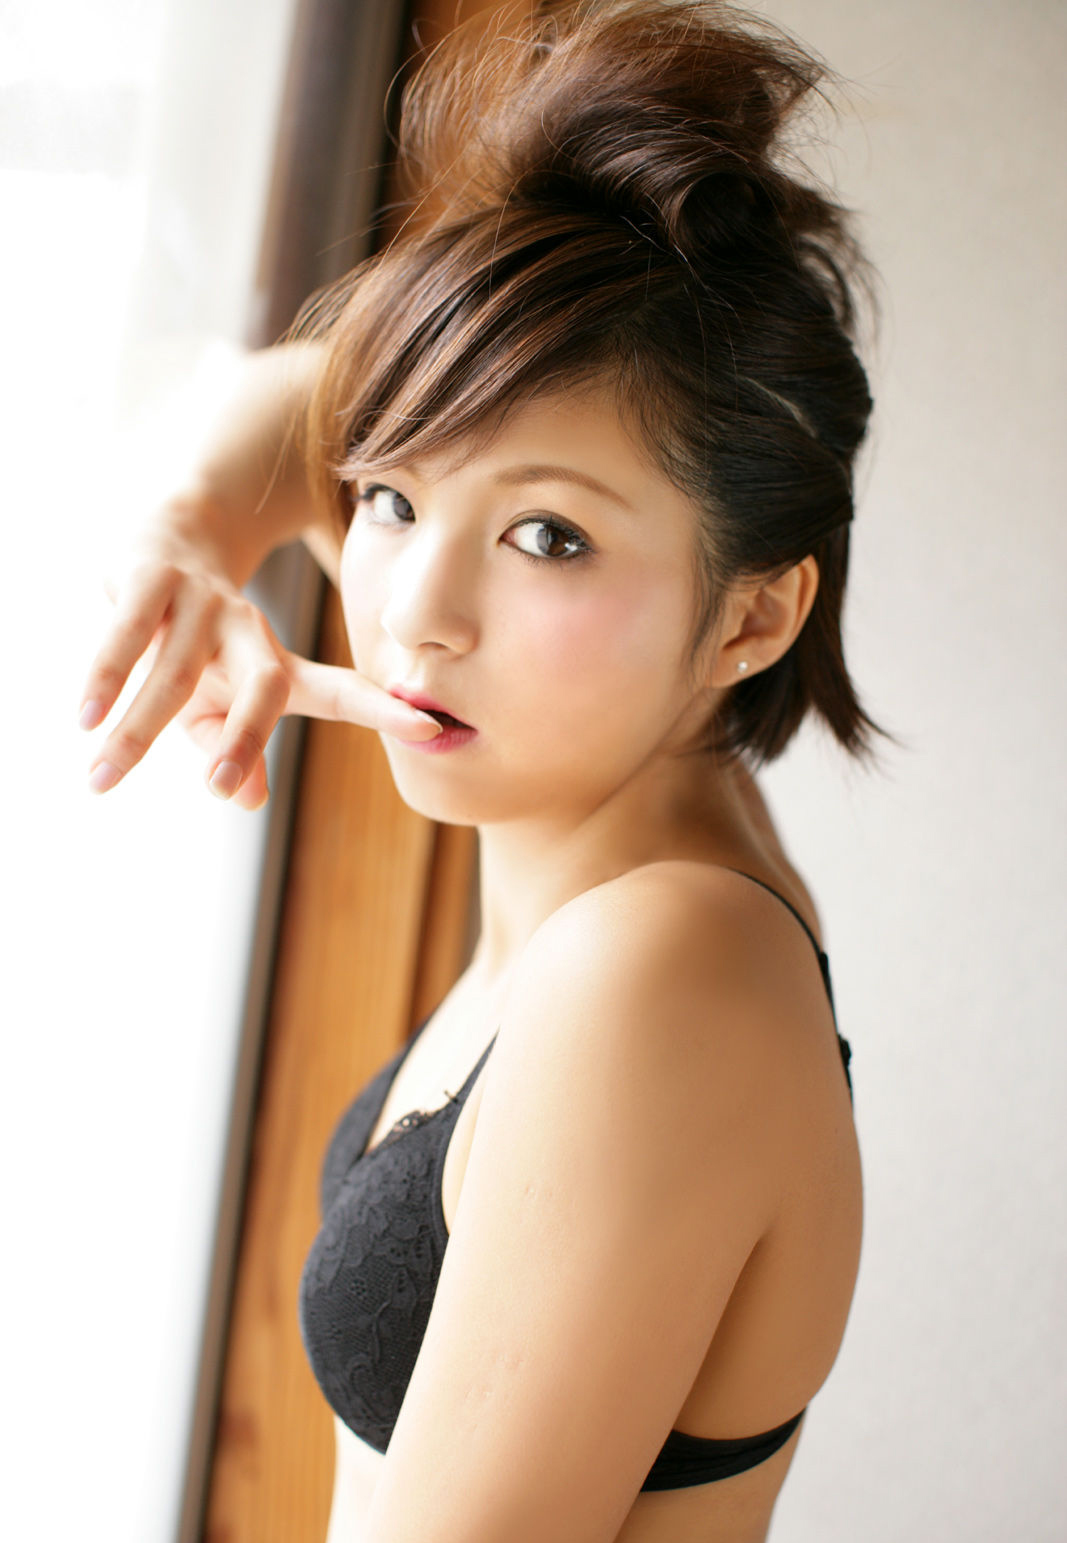 長崎莉奈 画像 28